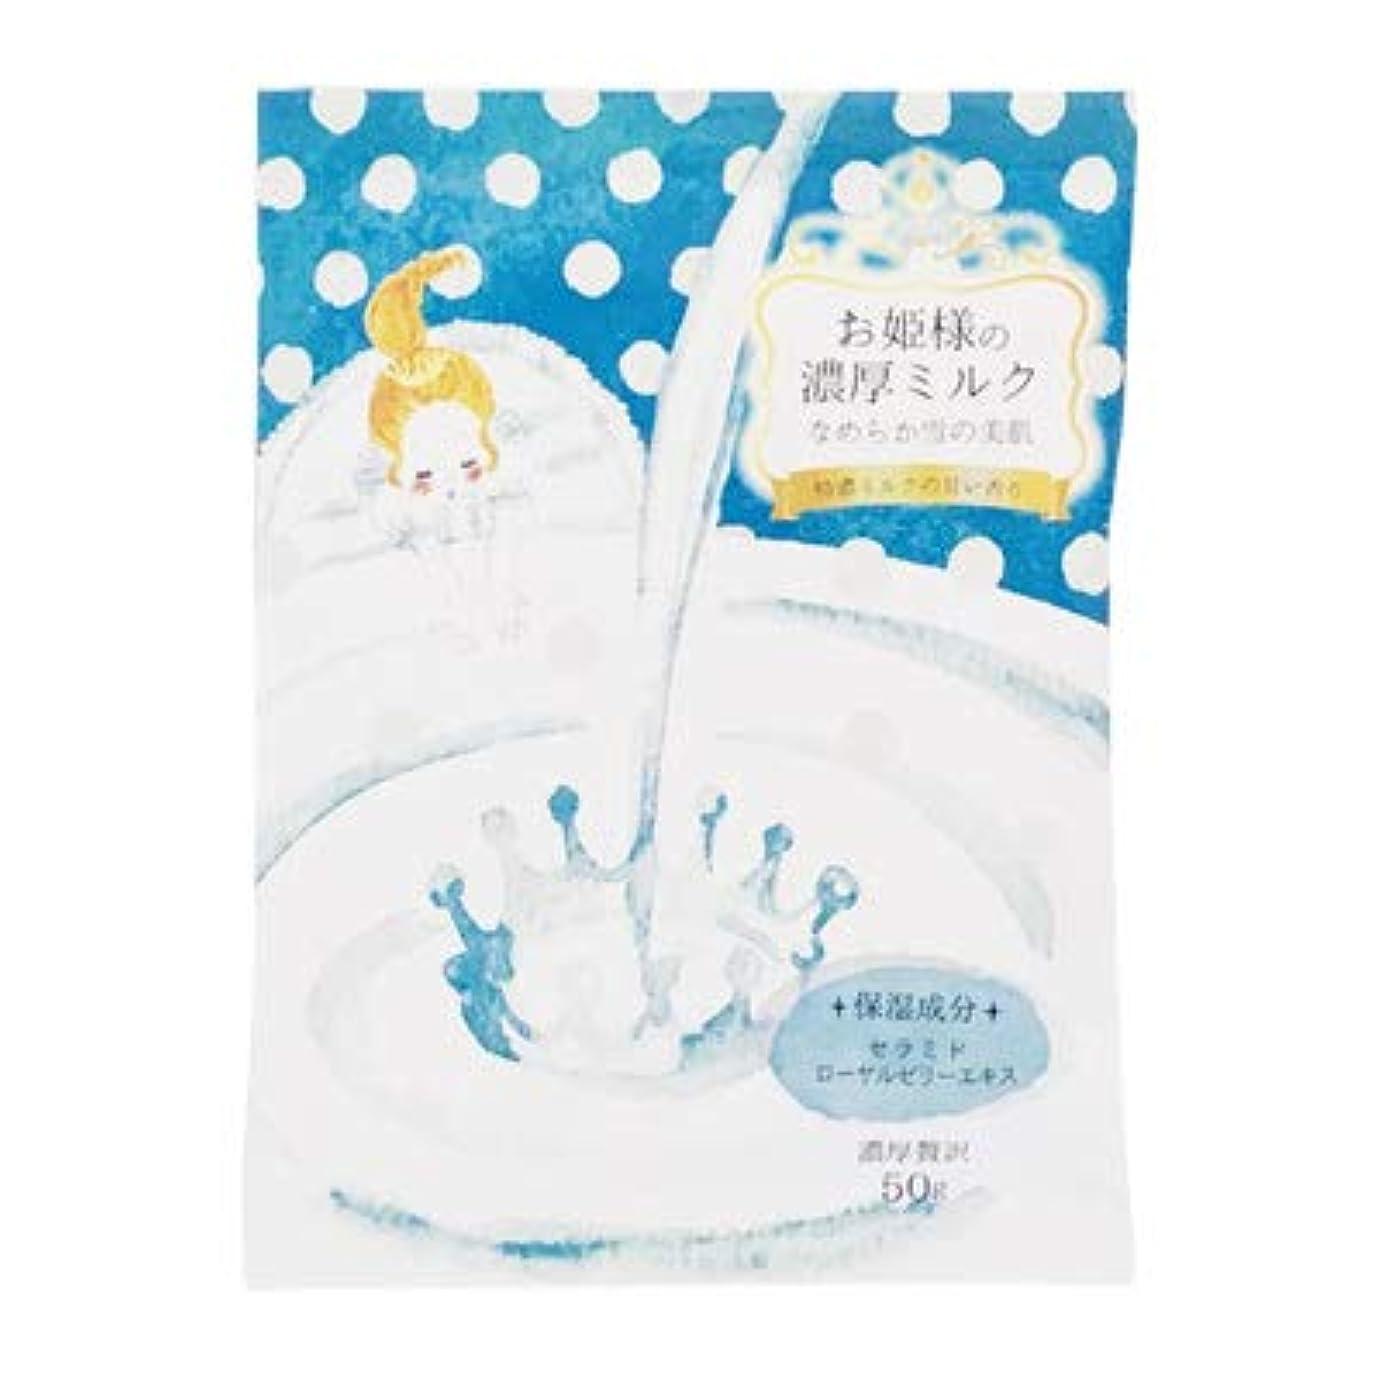 届けるバスルーム限定【まとめ買い3個セット】 お姫様風呂 濃厚ミルク